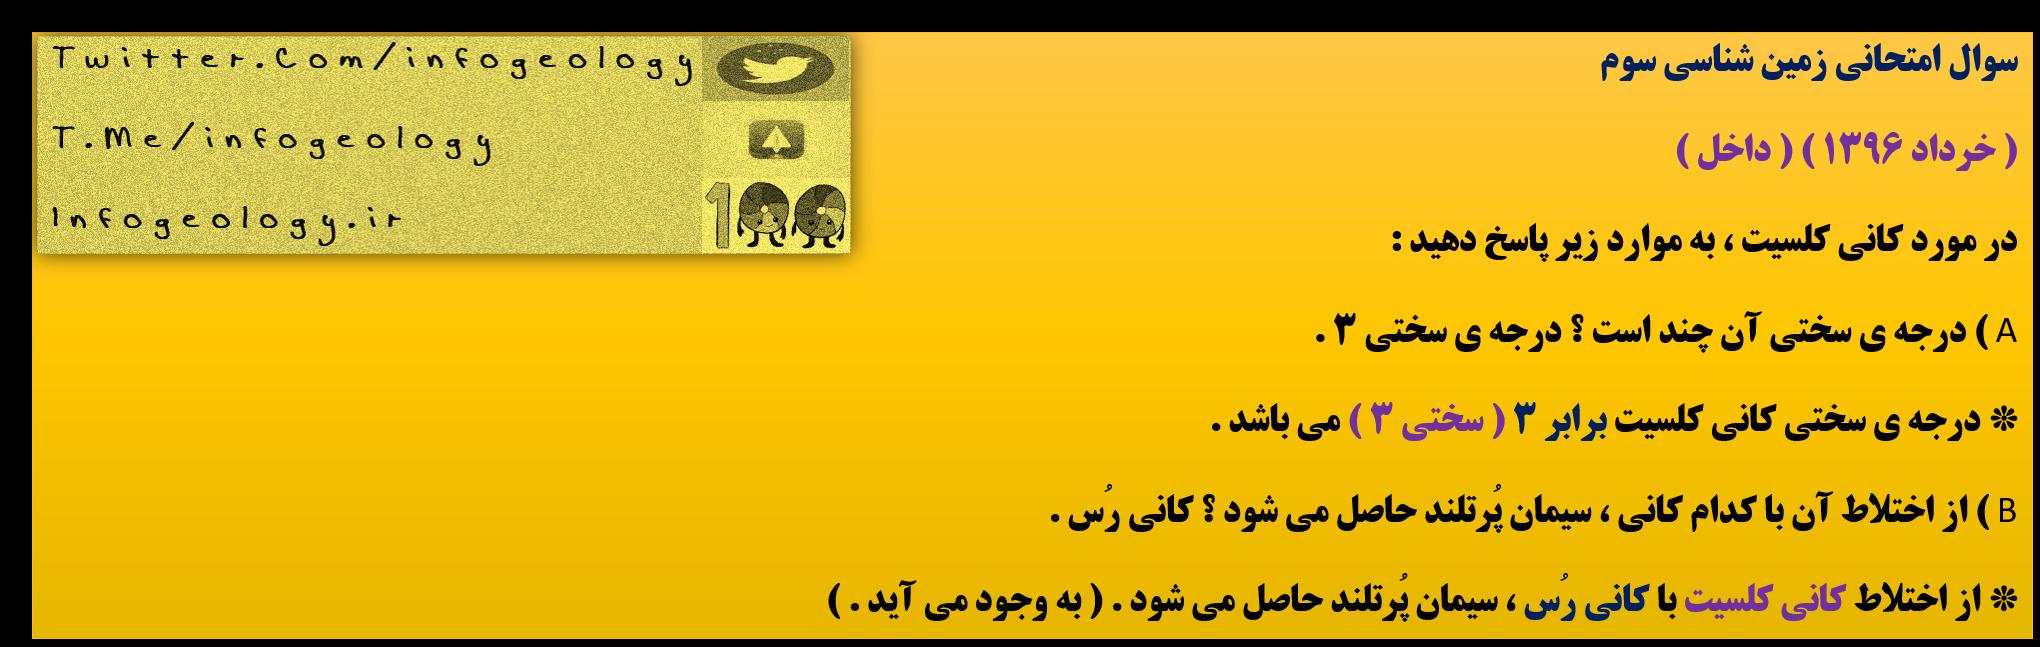 197 - سوال امتحانی زمین شناسی سوم ( خرداد 1396 ) ( داخل )